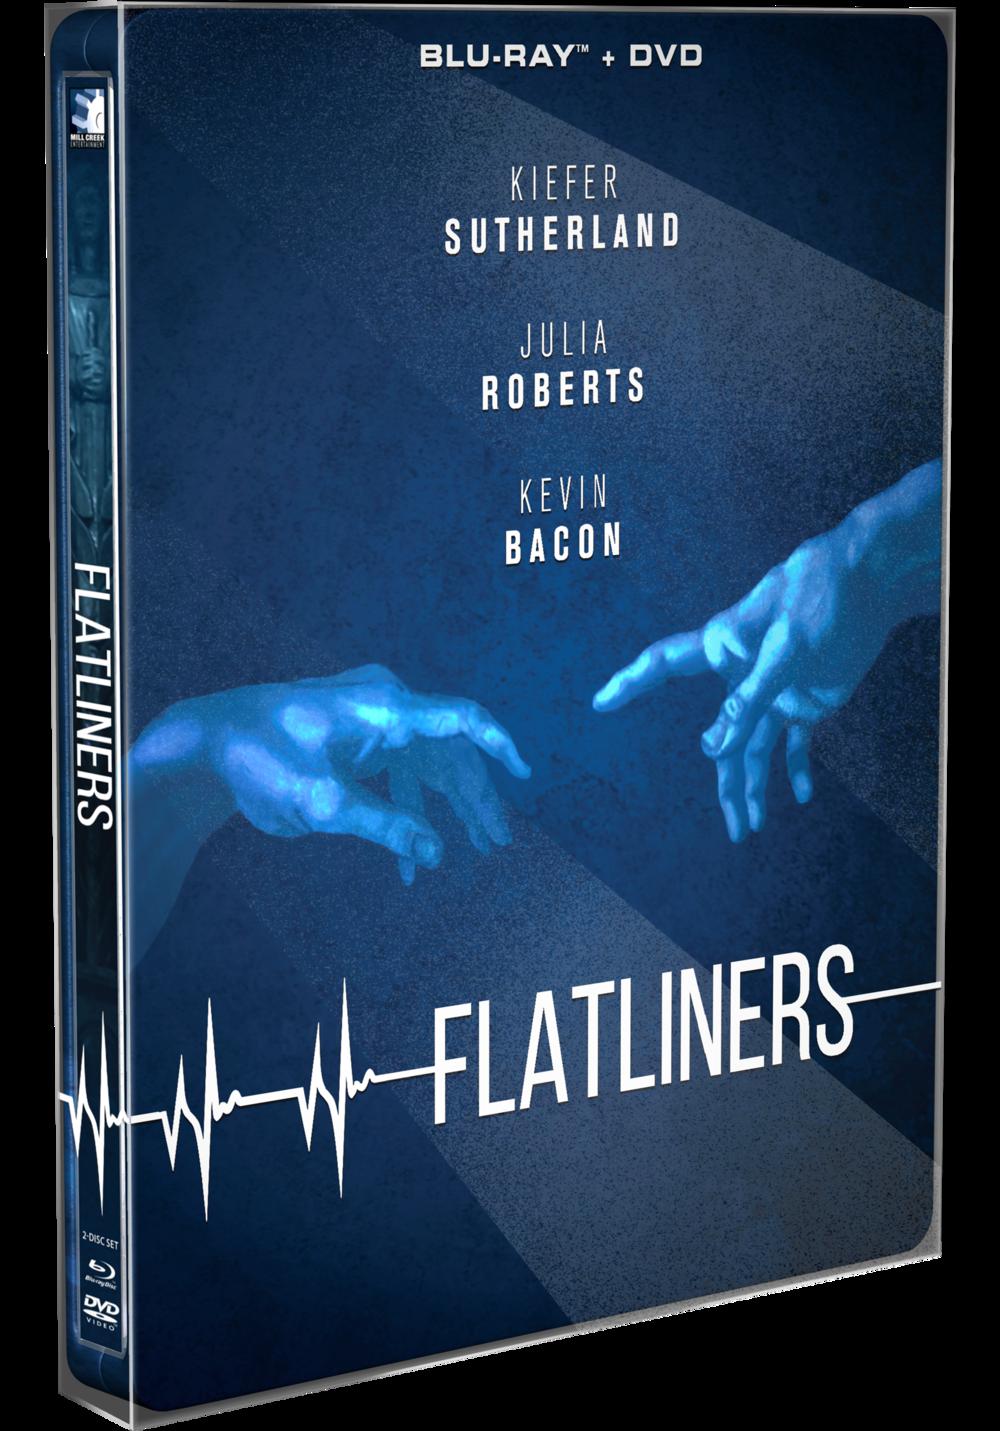 Flatliners - Exterior